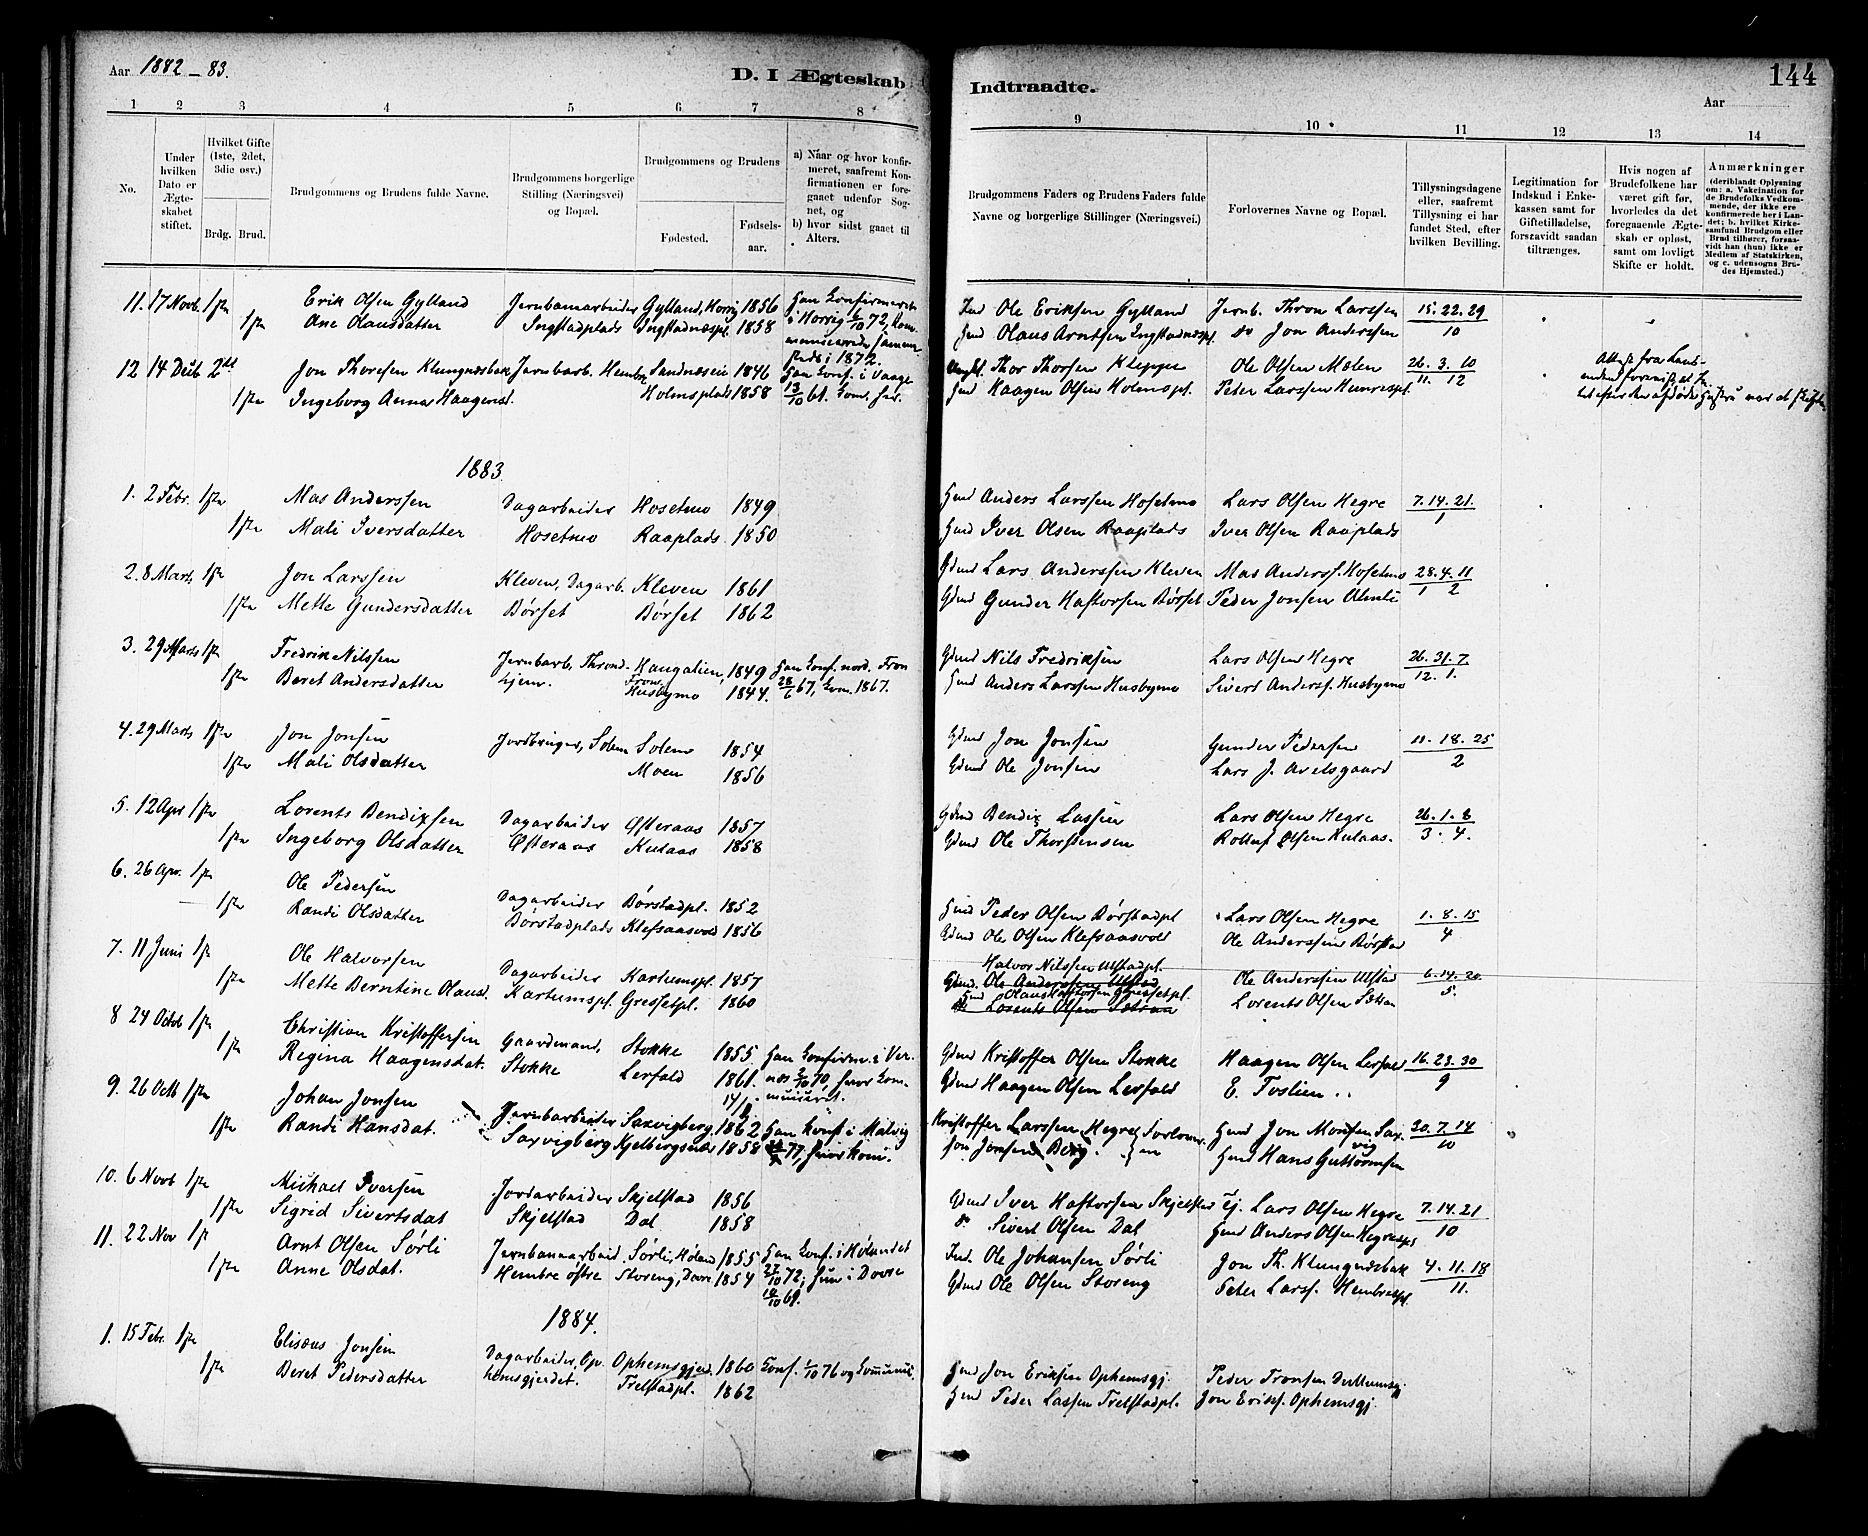 SAT, Ministerialprotokoller, klokkerbøker og fødselsregistre - Nord-Trøndelag, 703/L0030: Ministerialbok nr. 703A03, 1880-1892, s. 144